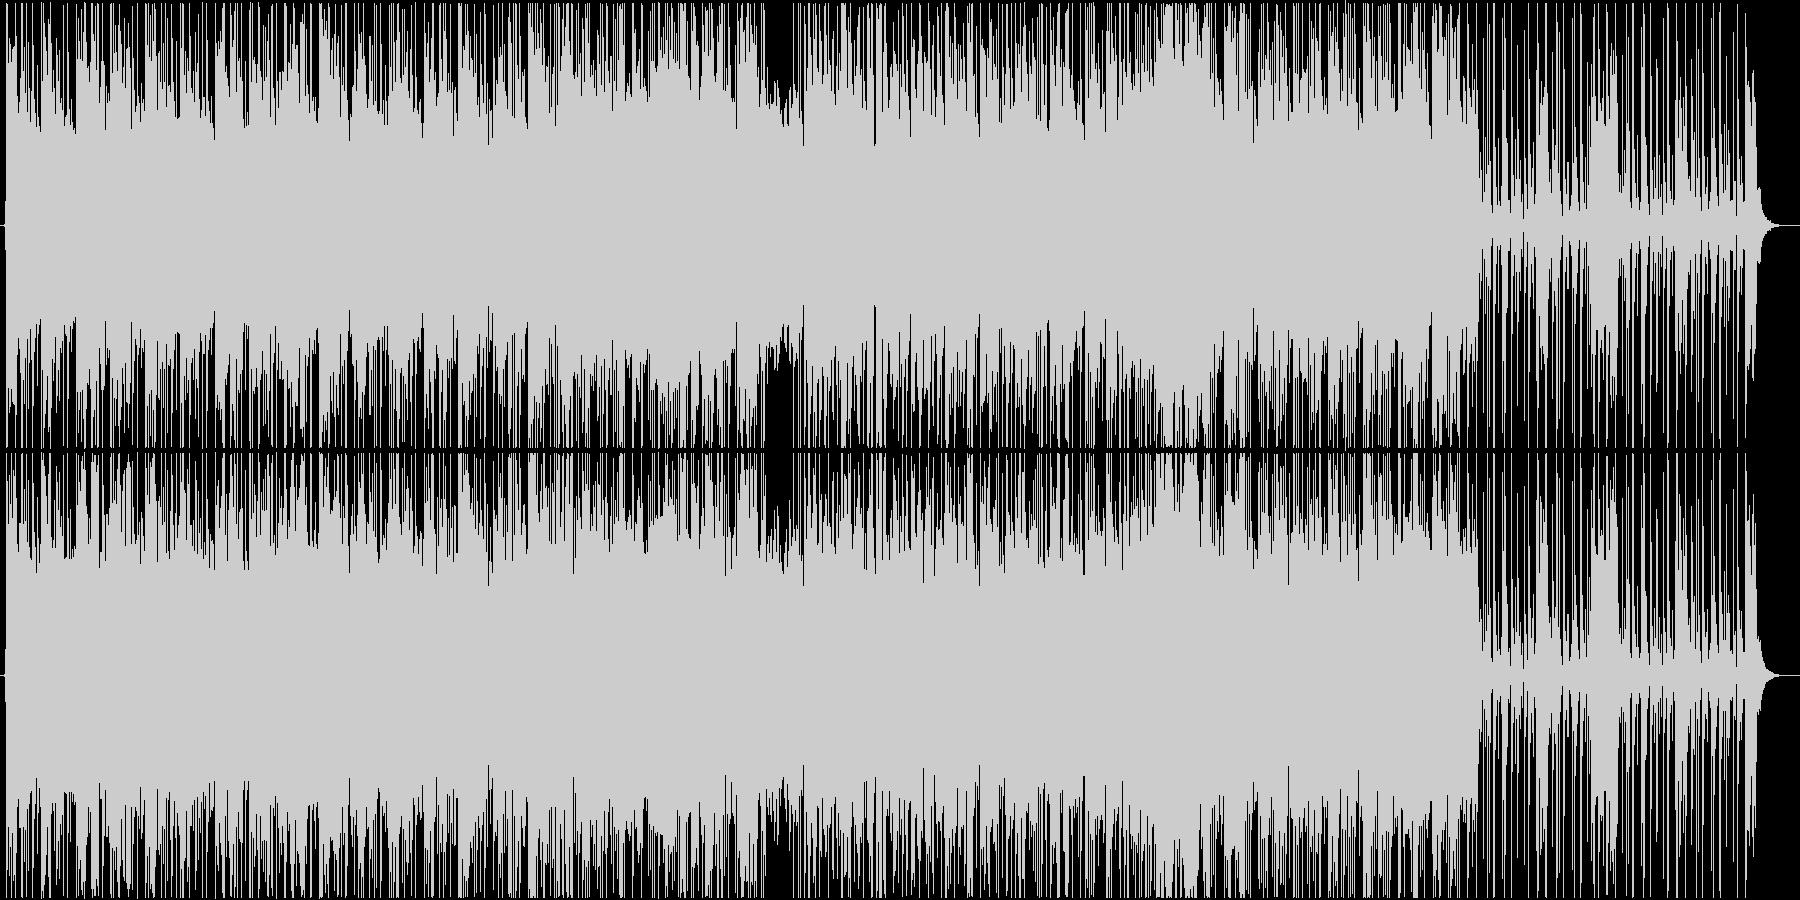 ギターで奏でるファンクナンバーの未再生の波形